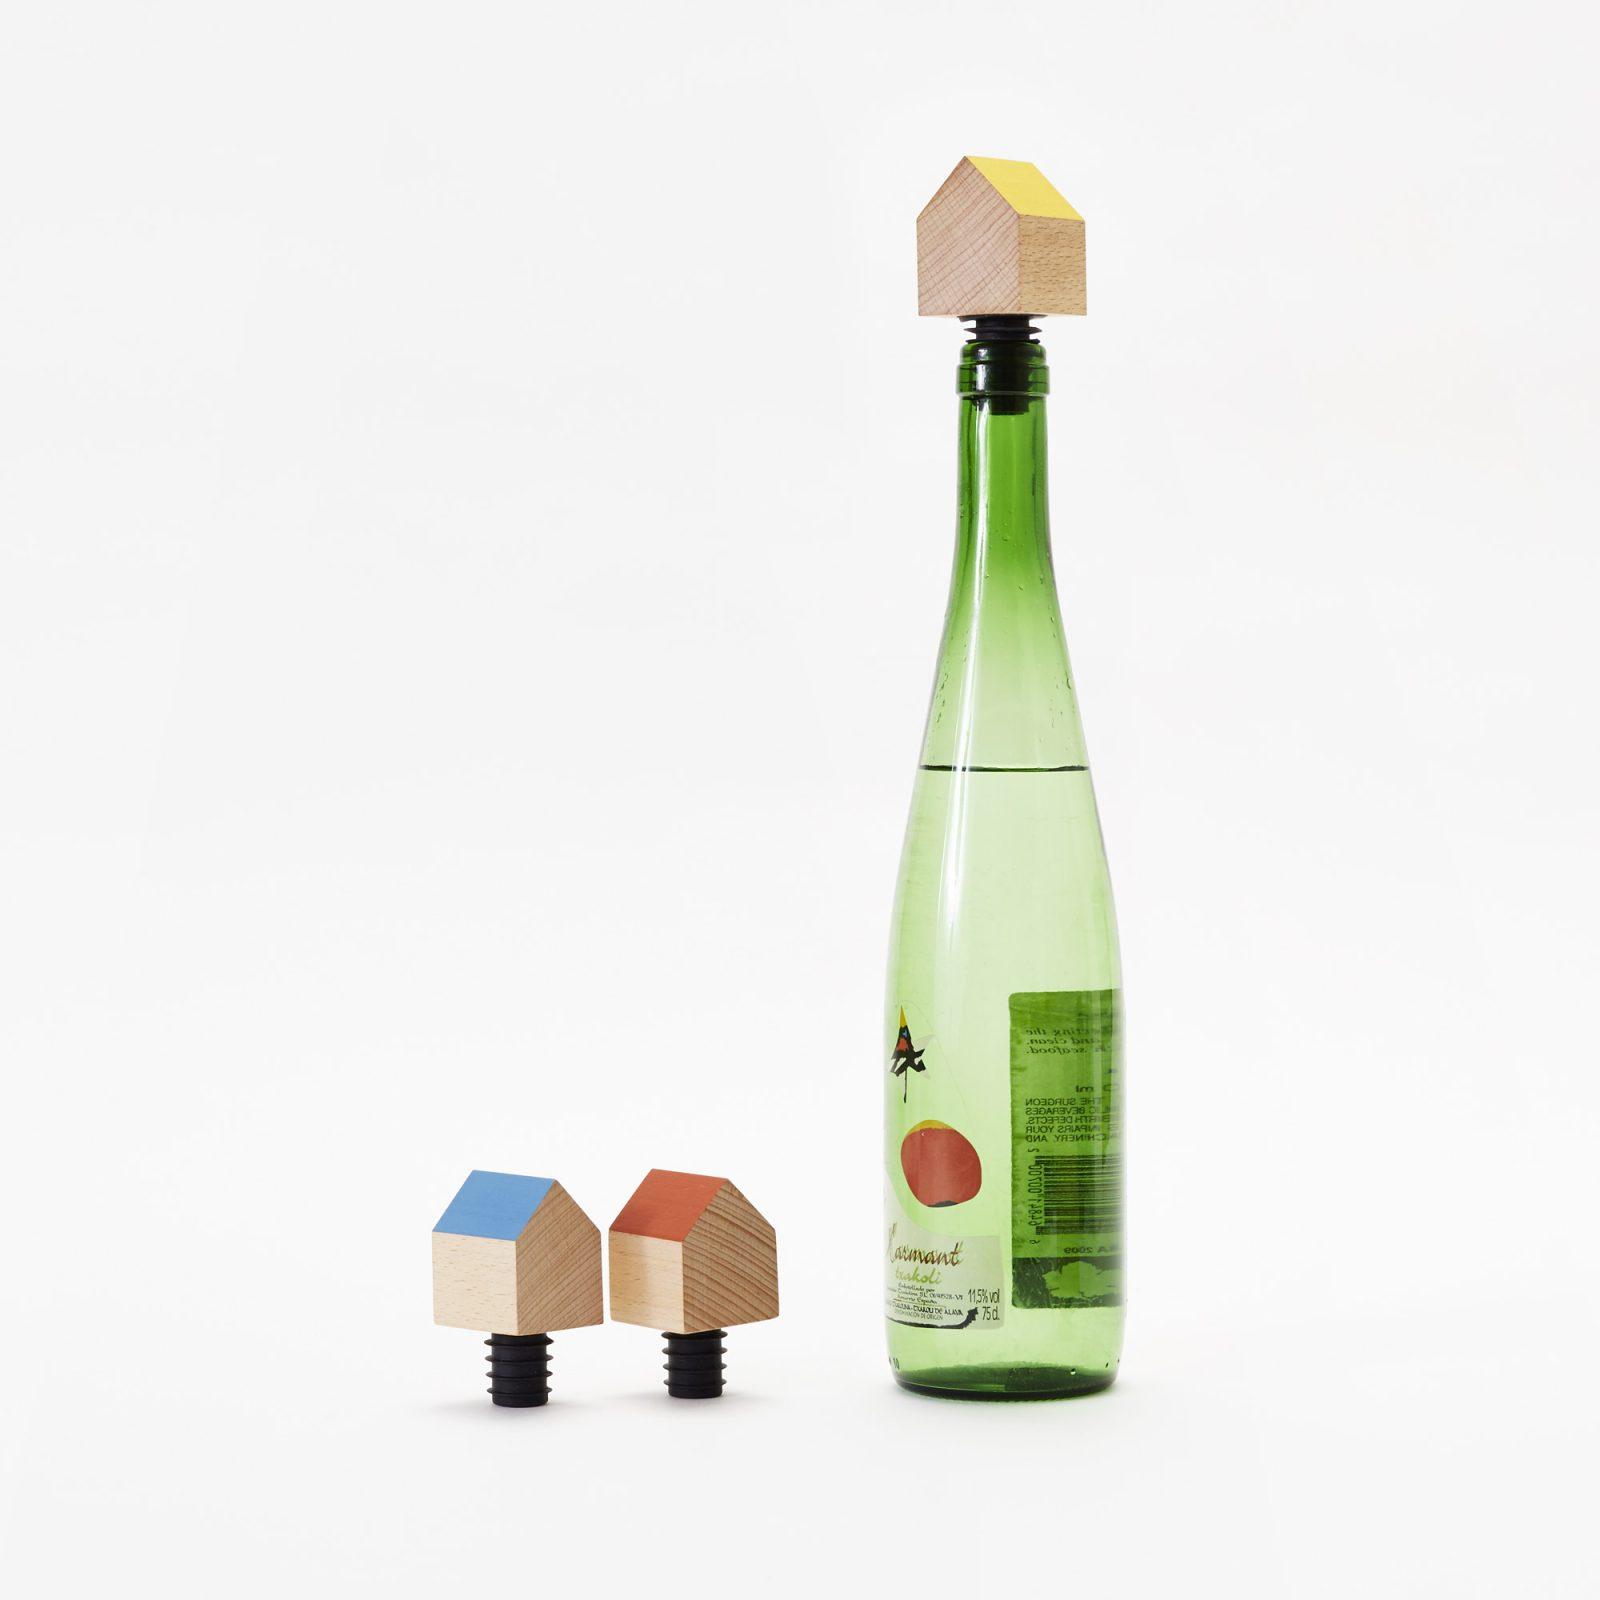 bottle-house-wine-stopper-6